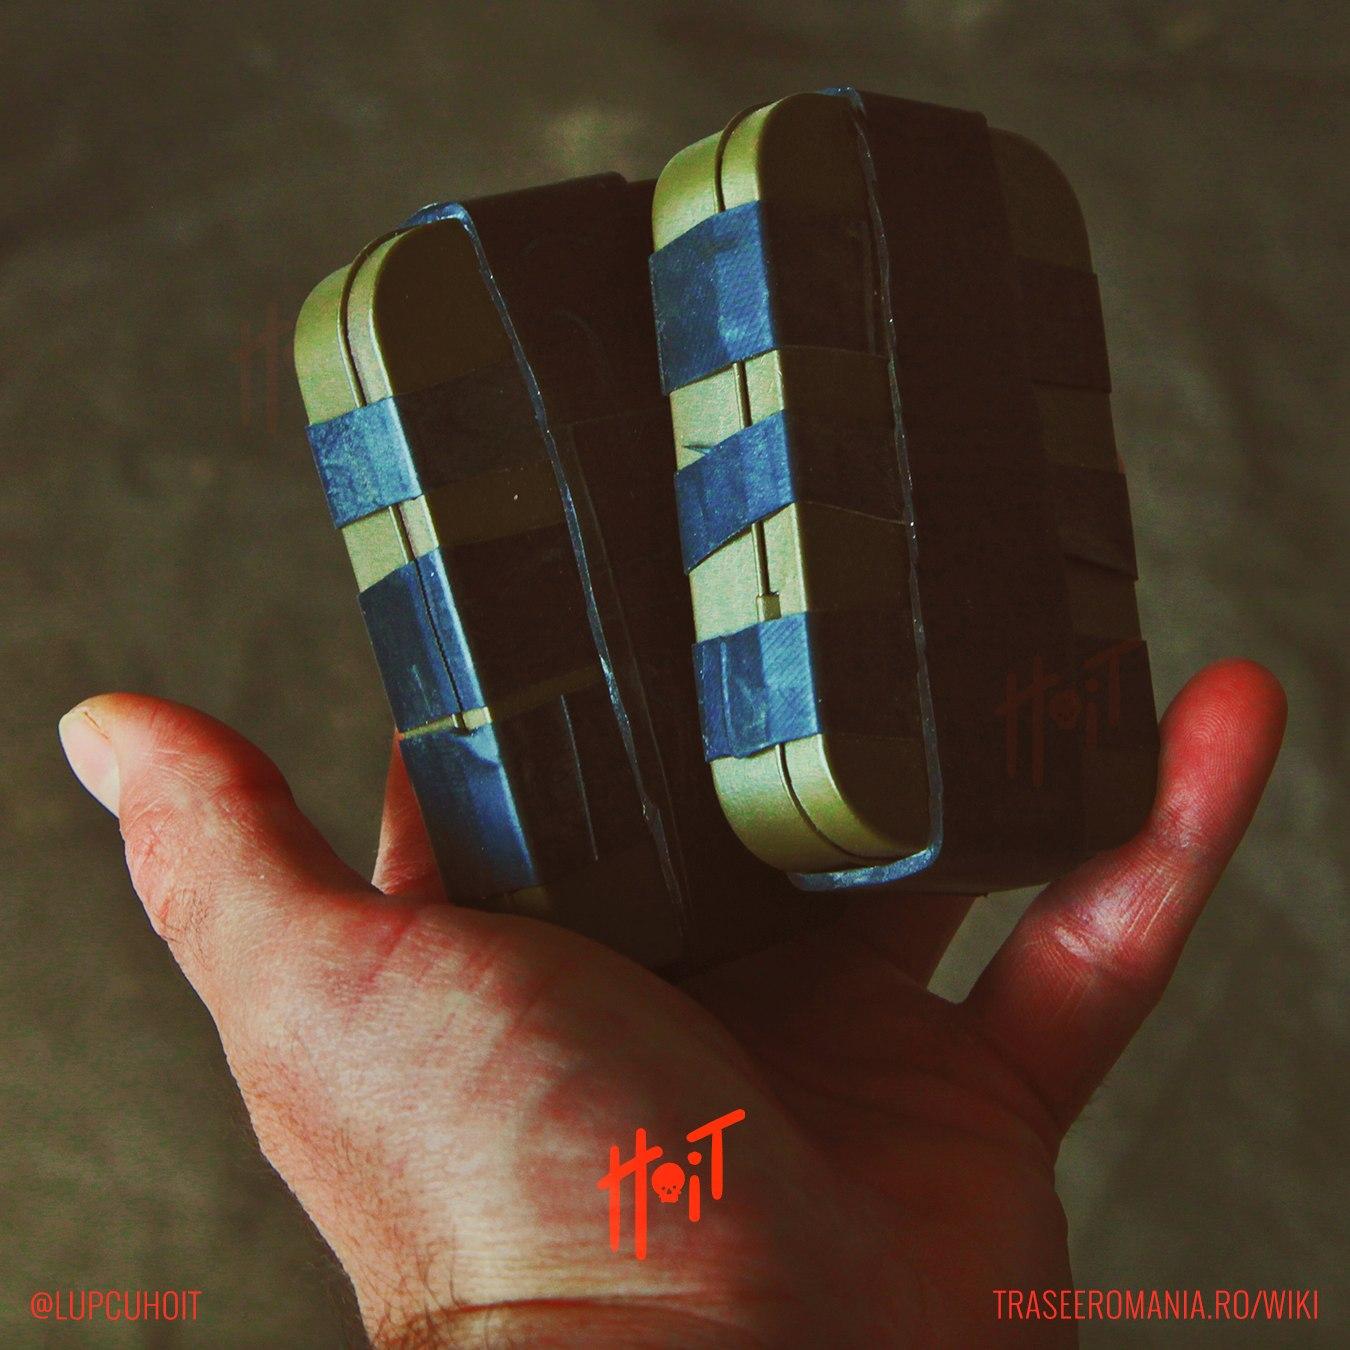 Cum sa faci un mini kit de supravietuire intr-o cutie metalica de bomboane